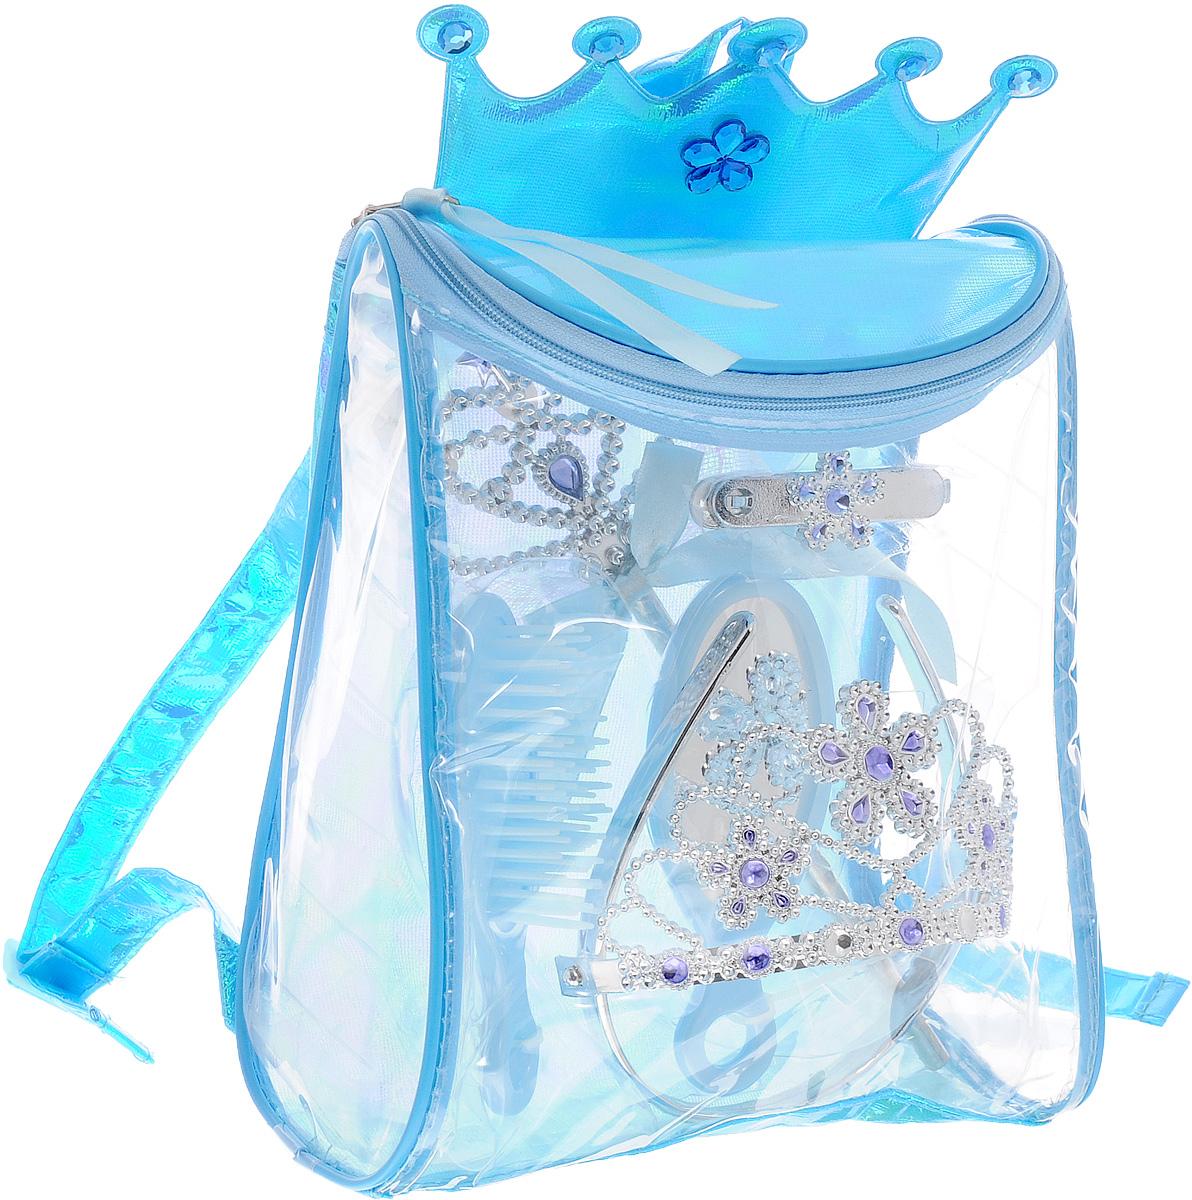 Boley Игровой набор Fantasy Girls Рюкзачок с аксессуарами цвет голубой82442_голубойИгровой набор Boley Fantasy Girls - станет отличным подарком к любому празднику для вашей маленькой принцессы. Набор содержит расческу, зеркало, две заколки, корону на ободке и волшебную палочку. Все элементы набора выполнены из высококачественных, экологически чистых материалов, совершенно безопасных для ребенка. Украшения выглядят ярко и очень эффектно. Набор упакован в замечательный прозрачный рюкзачок. Рюкзак содержит одно отделение и закрывается на клапан с молнией. Верхняя часть рюкзачка украшена мягкой короной с крупными стразами. Девочка может носить рюкзак за ручку или одевать на спину. Лямки можно регулировать по длине. С таким набором ваша малышка почувствует себя настоящей принцессой!